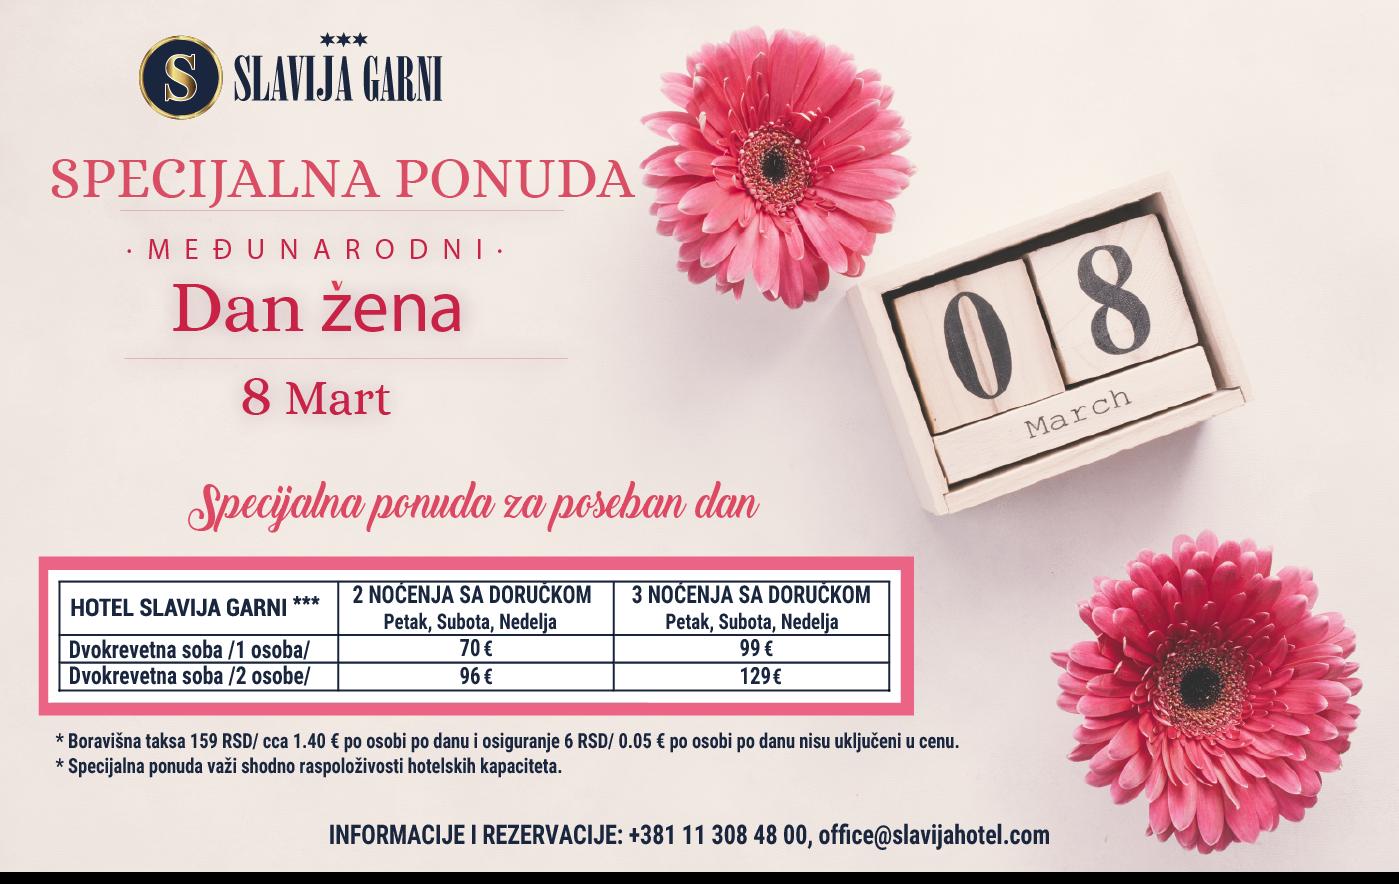 Specijalna ponuda 8 Mart Slavija Garni